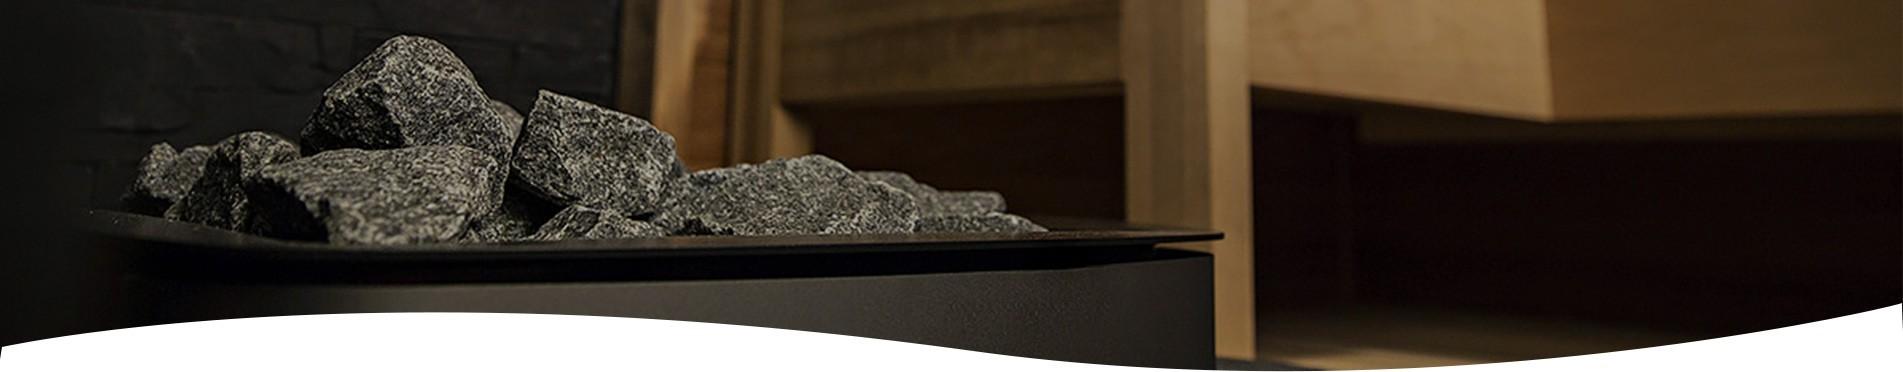 Accessoires pour Poêles & Saunas Narvi